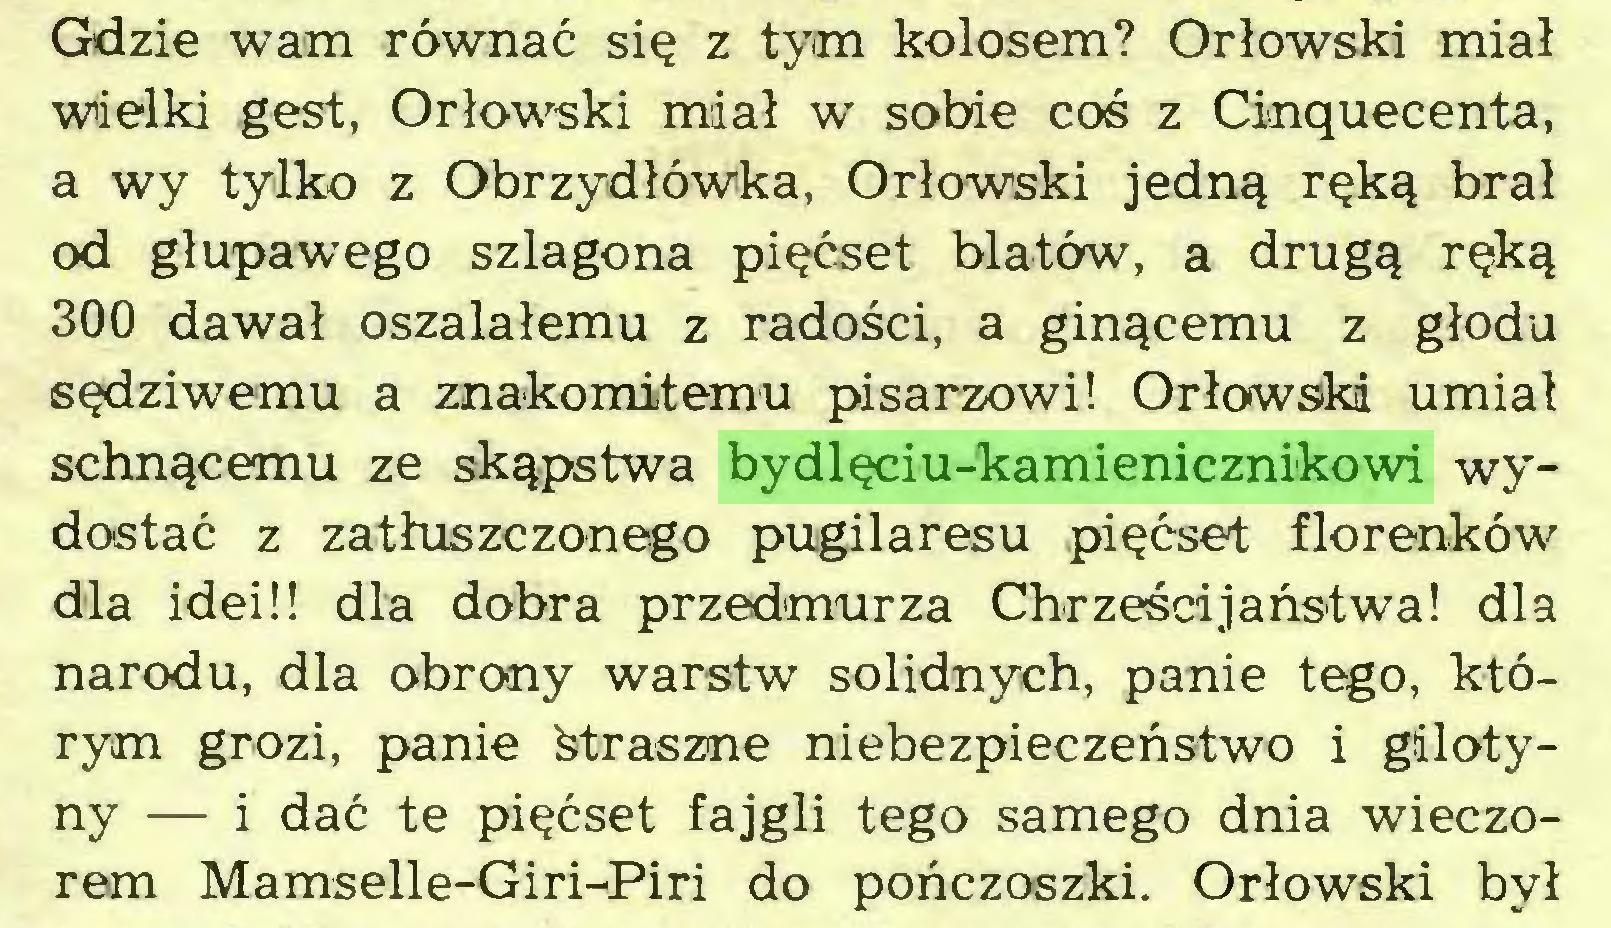 (...) Gdzie wam równać się z tym kolosem? Orłowski miał wielki gest, Orłowski miał w sobie coś z Cinąuecenta, a wy tylko z Obrzydłówka, Orłowski jedną ręką brał od głupawego szlagona pięćset blatów, a drugą ręką 300 dawał oszalałemu z radości, a ginącemu z głodu sędziwemu a znakomitemu pisarzowi! Orłowski umiał schnącemu ze skąpstwa bydlęciu-kamienicznikowi wydostać z zatłuszczonego pugilaresu pięćset florenków dla idei!! dla dobra przedmurza Chrześcijaństwa! dla narodu, dla obrony warstw solidnych, panie tego, którym grozi, panie śtraszne niebezpieczeństwo i gilotyny — i dać te pięćset fajgli tego samego dnia wieczorem Mamselle-Giri-Piri do pończoszki. Orłowski był...